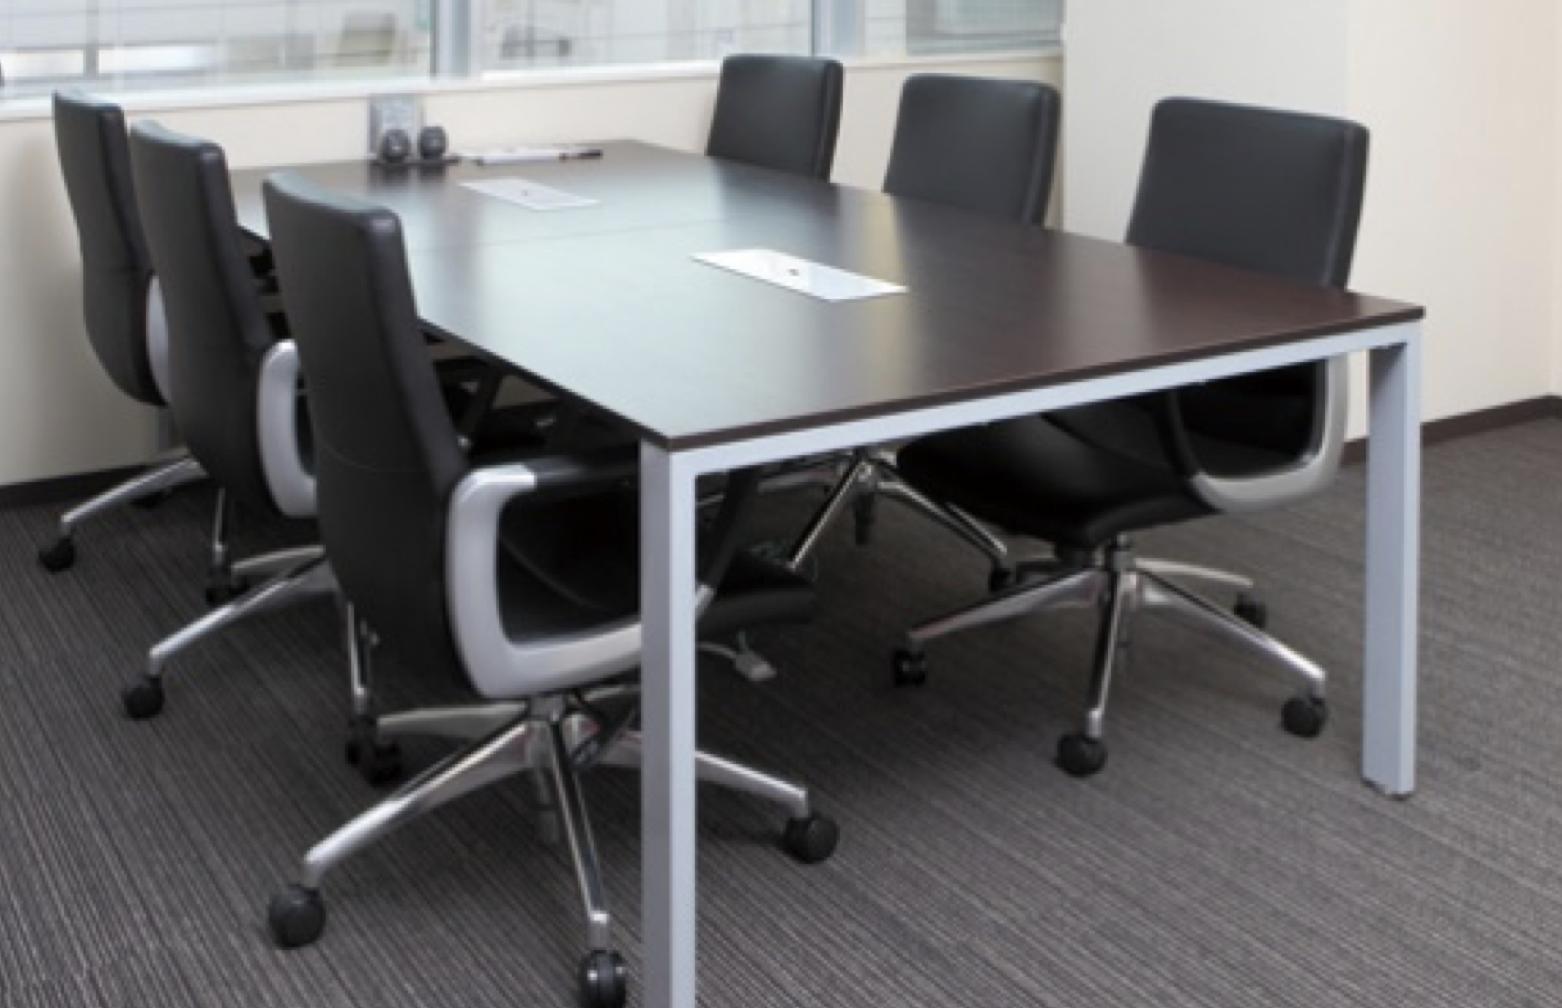 配線ボックス付きでおしゃれなフリーアドレステーブルを会議室のミーティングテーブルとして活用したイメージ